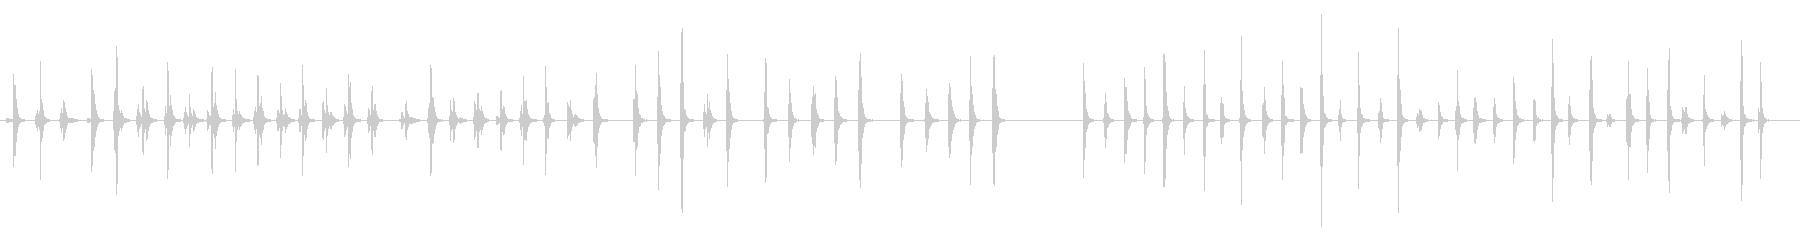 フィンガー、ドラミング、ミュート、...の未再生の波形